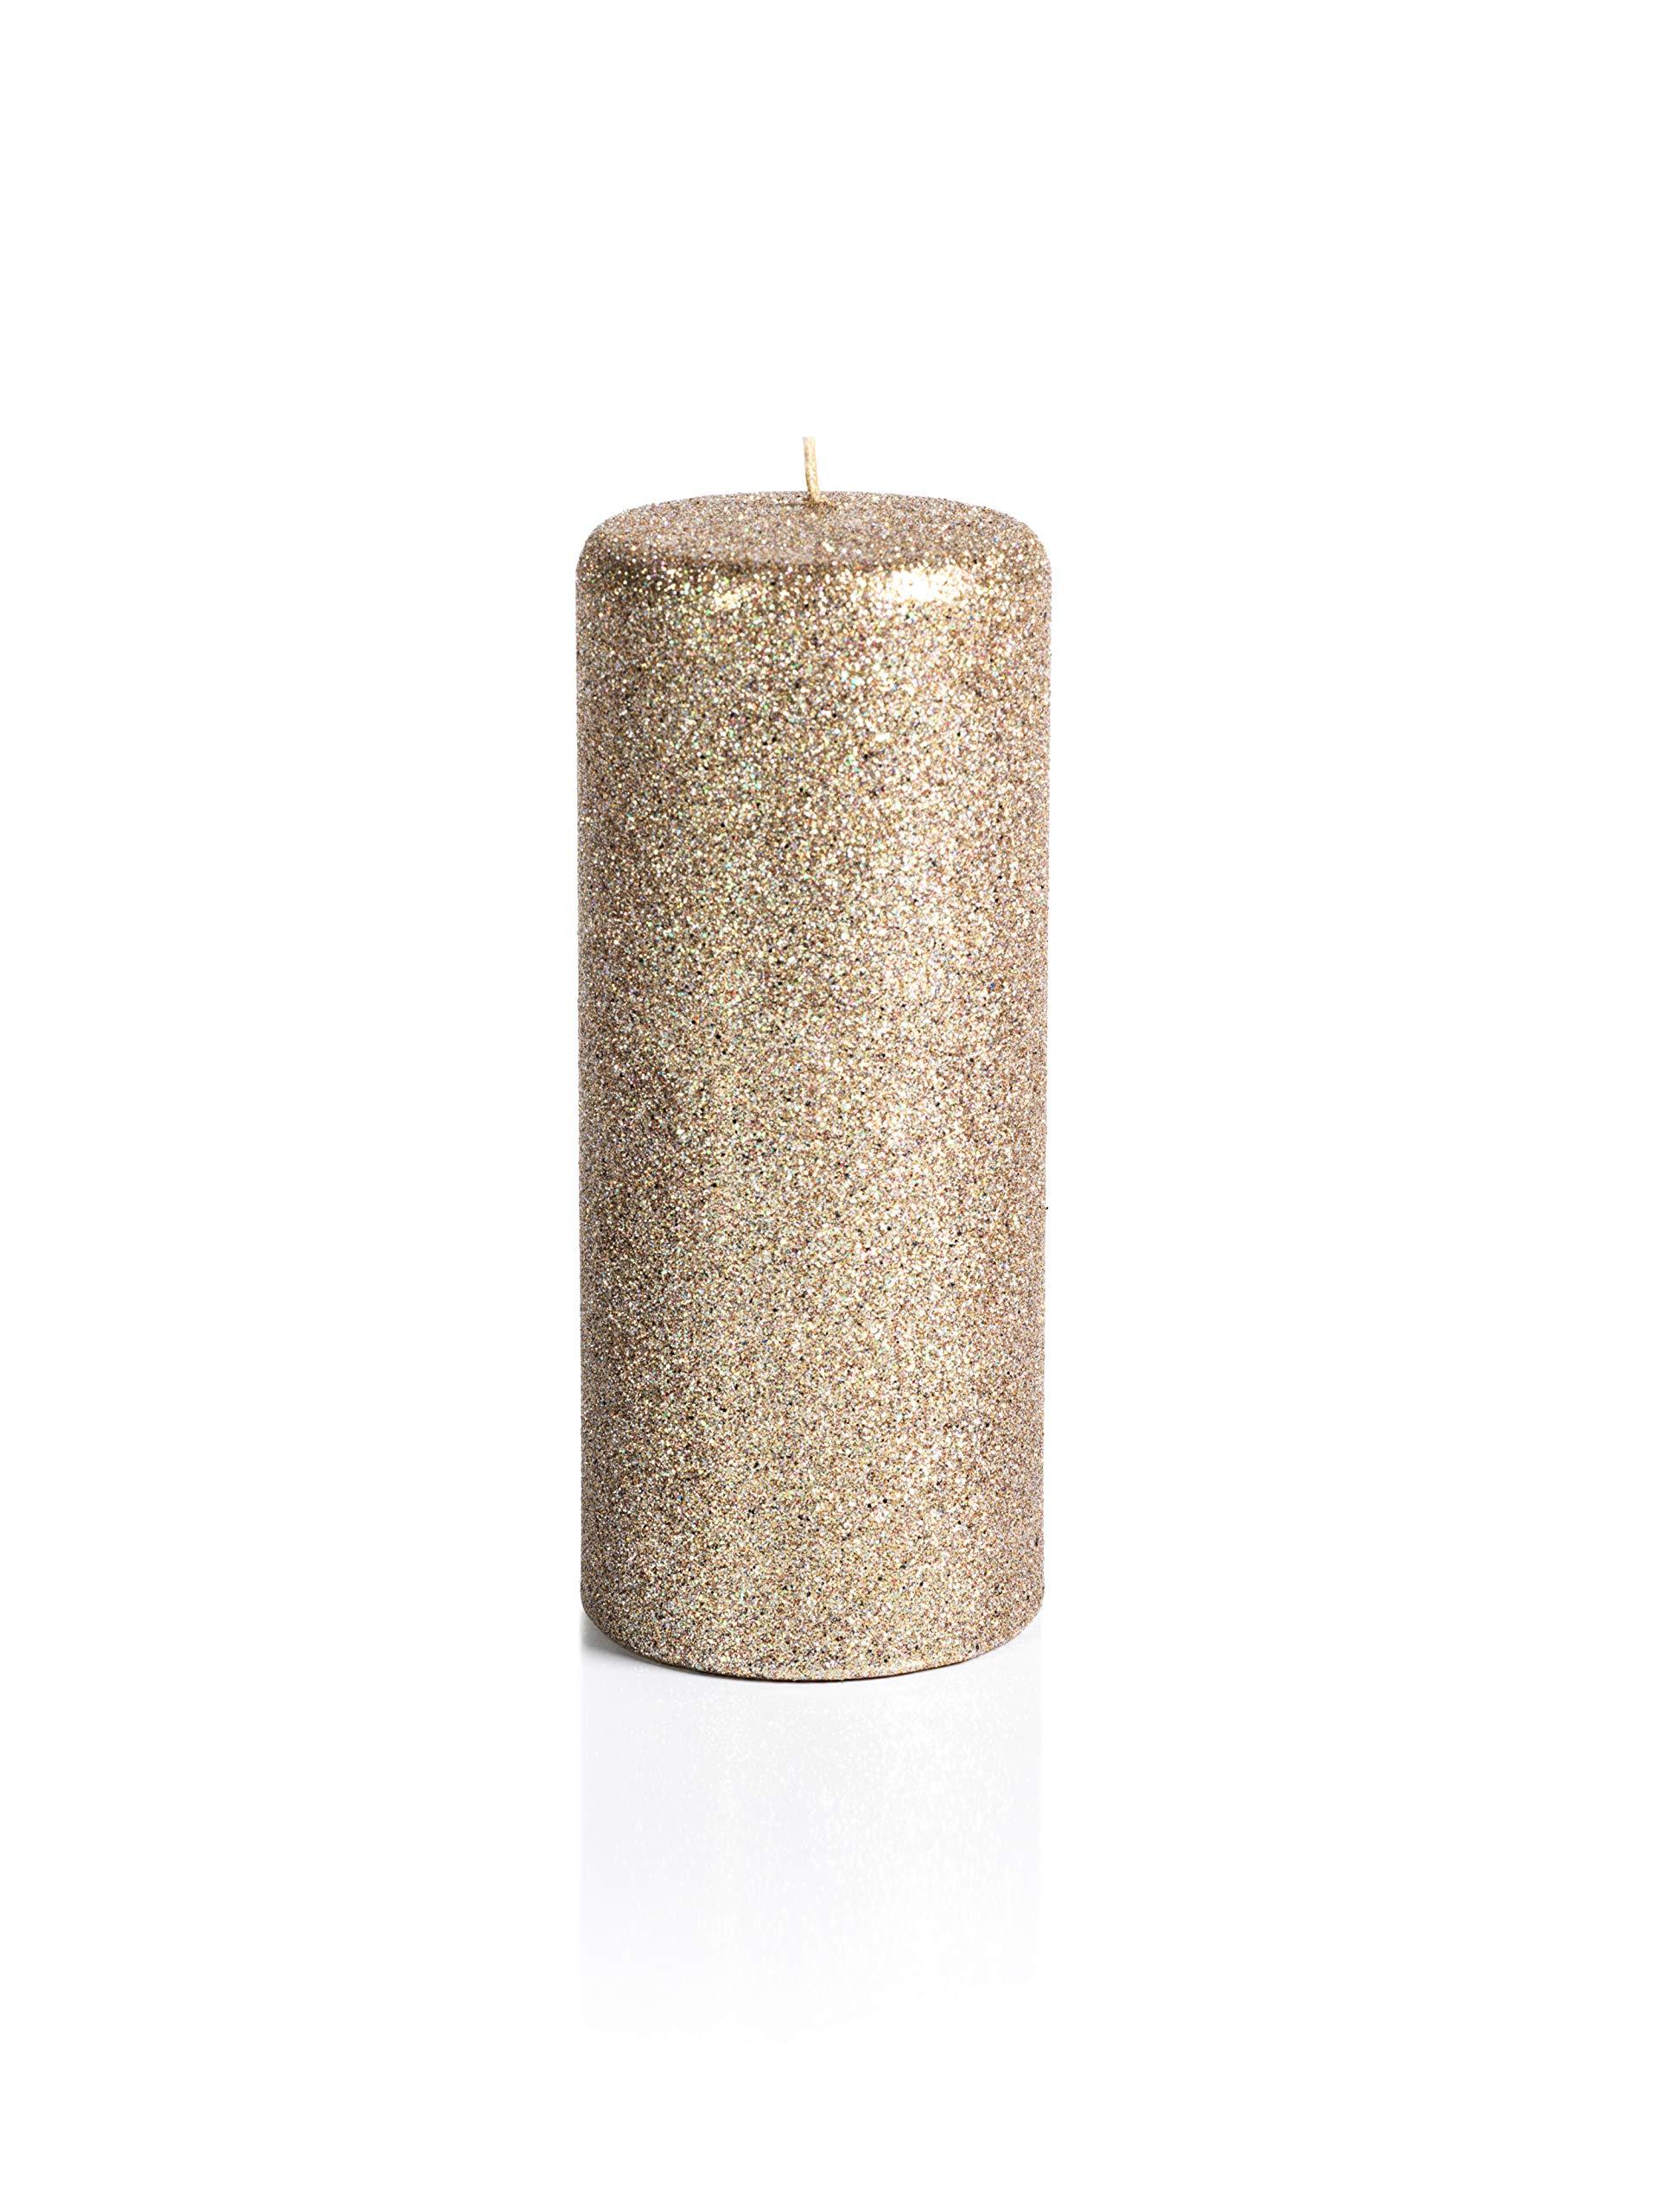 Zodax 7'' Tall Wax Pillar, Gold Glitter (Set of 2) Candles